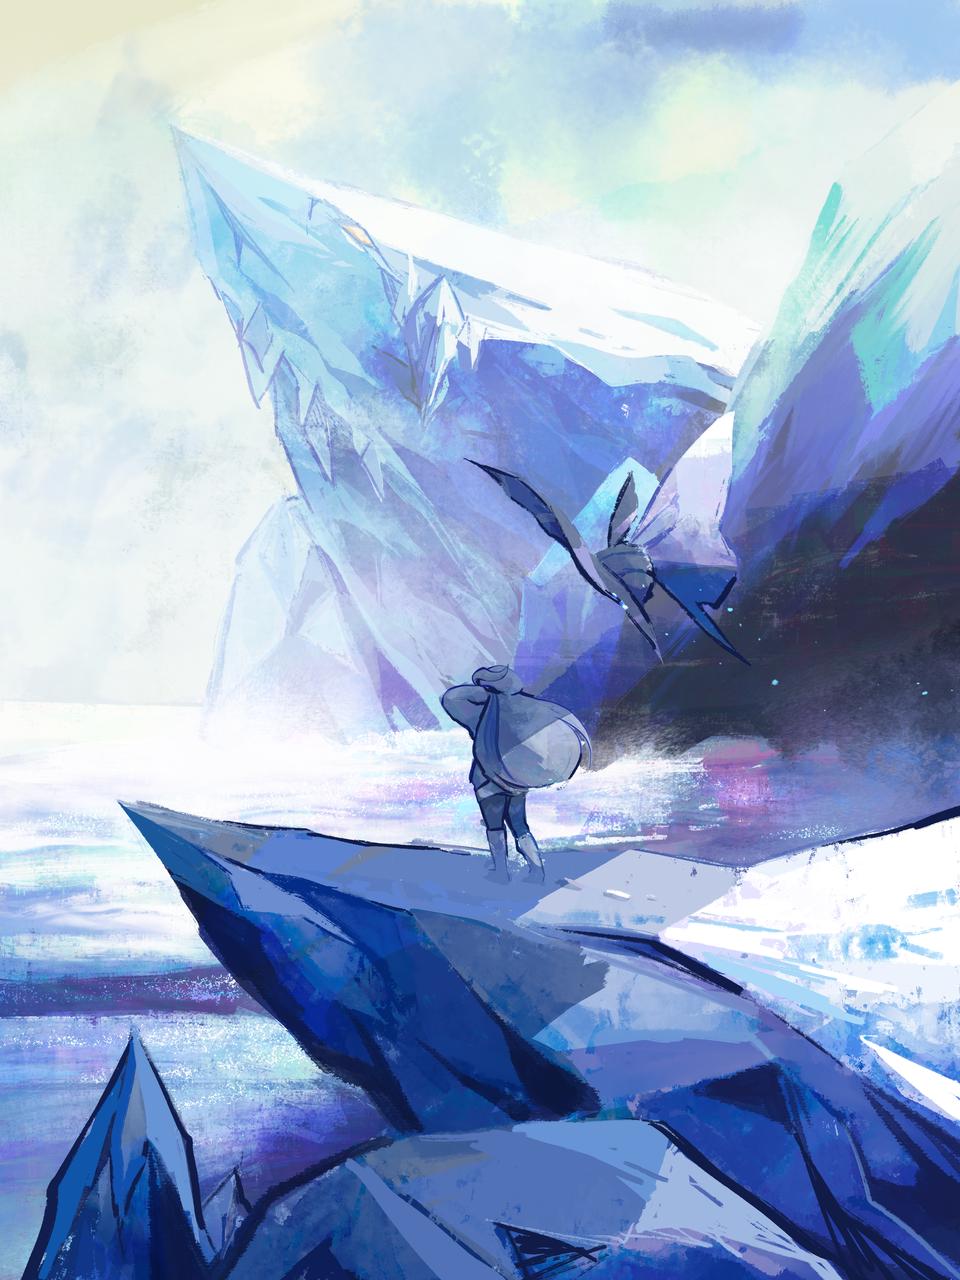 あら⋯あれは⋯ Illust of 塩ながす メロン medibangpaint pokemon